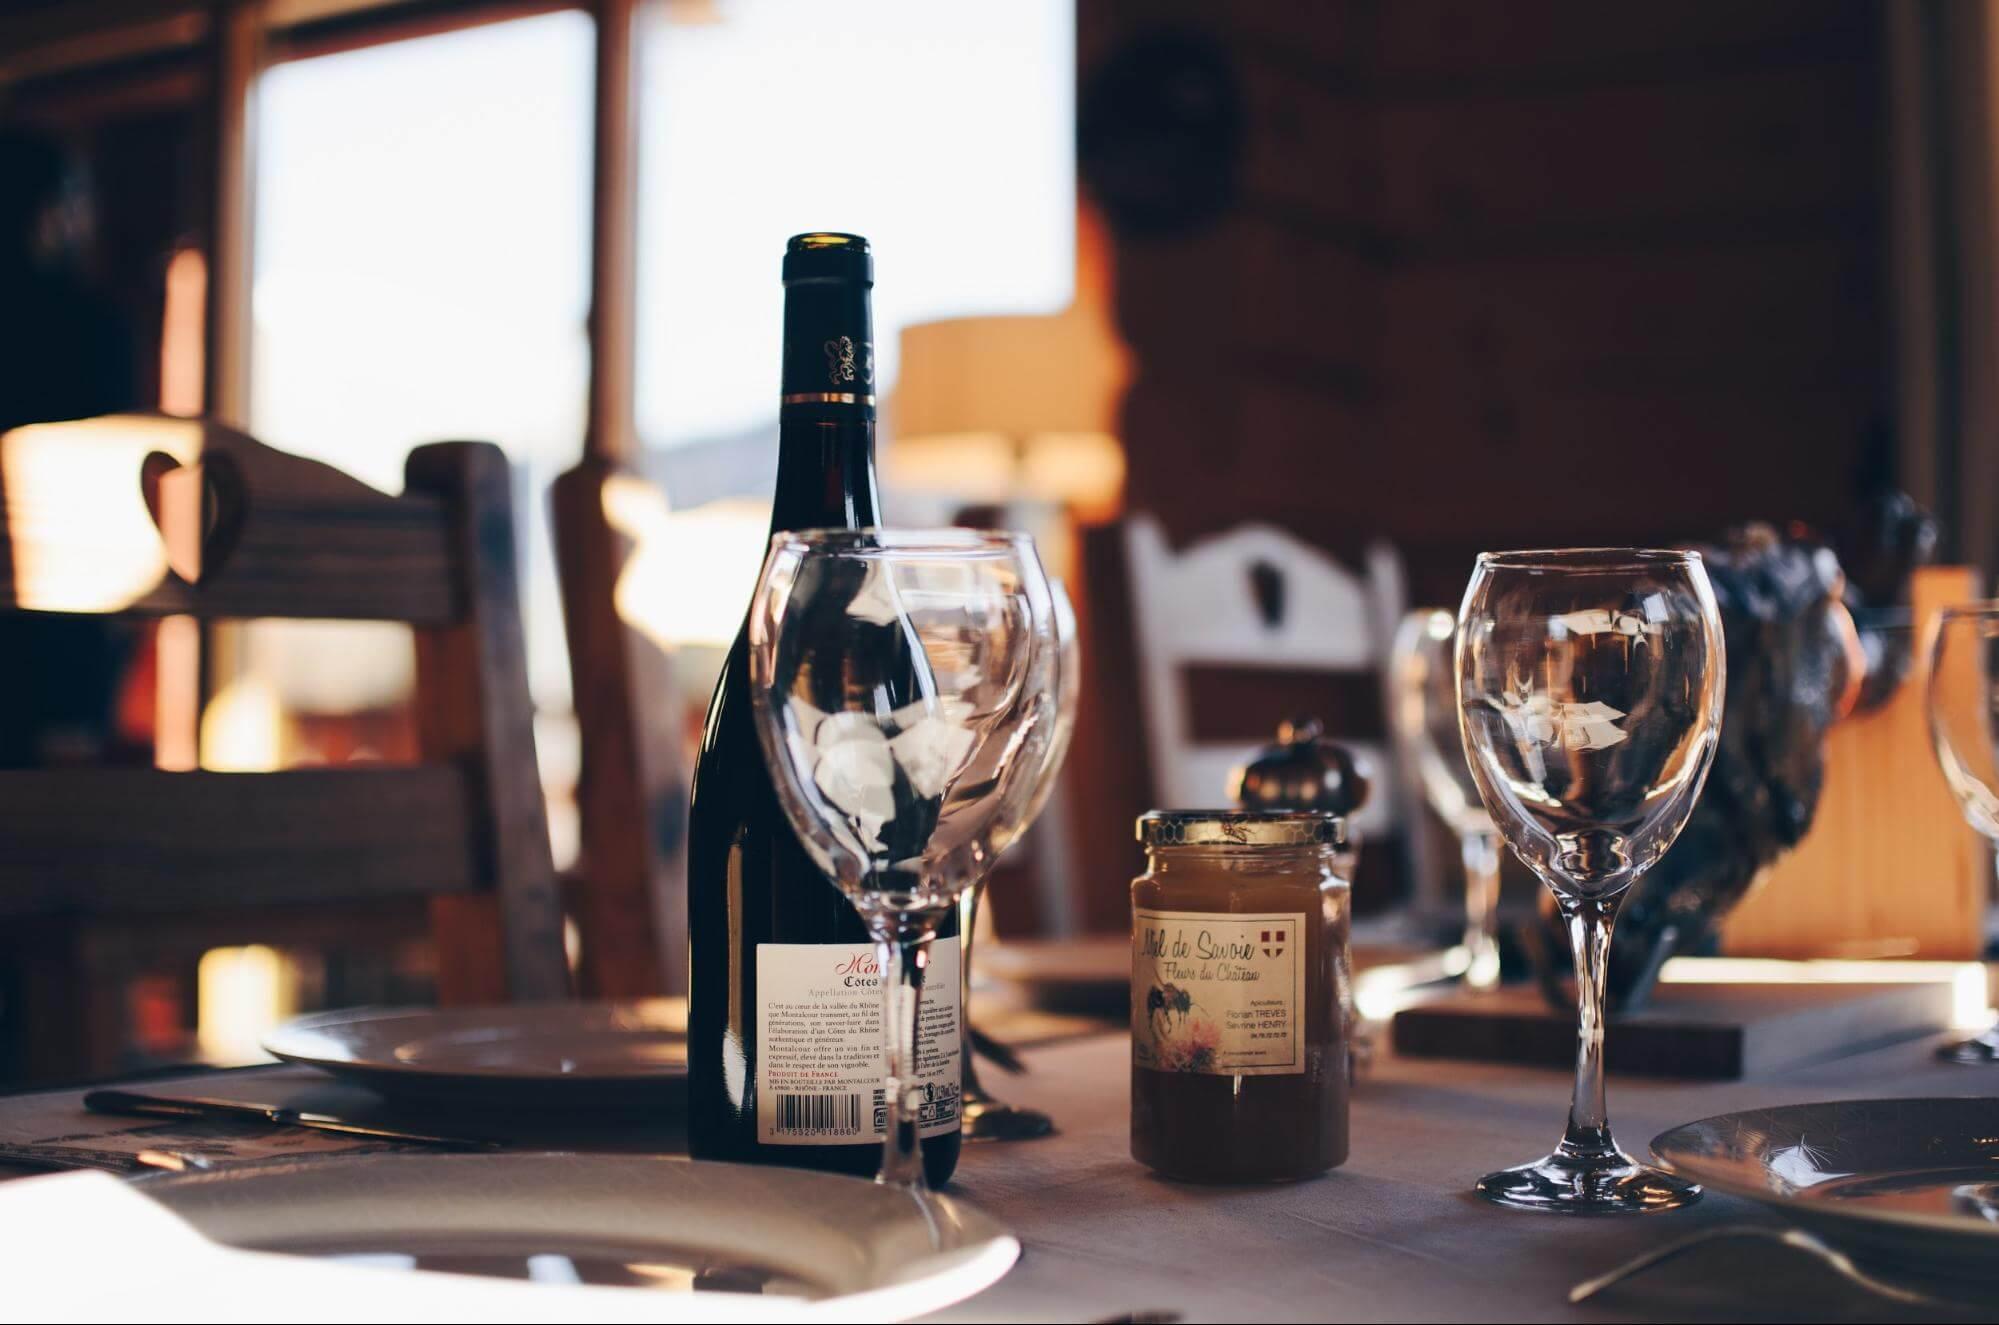 Table de restaurant avec du vin et des verres